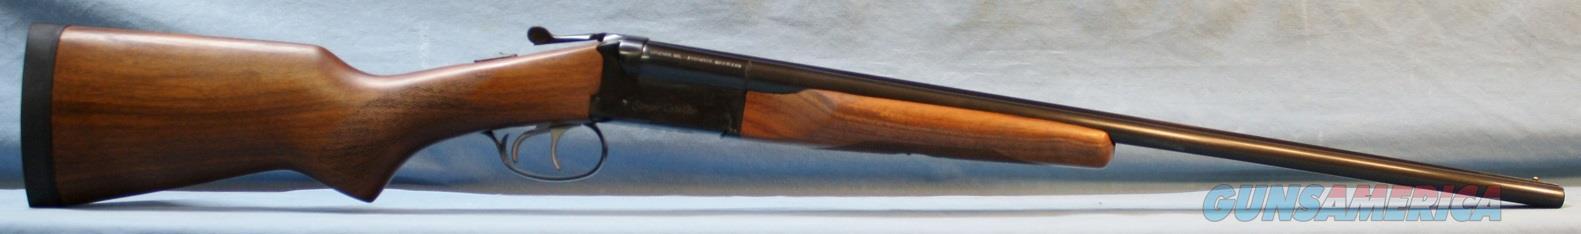 Stoeger Uplander Youth Side By Side Shotgun, 410 Gauge Free Shipping!  Guns > Shotguns > Stoeger Shotguns